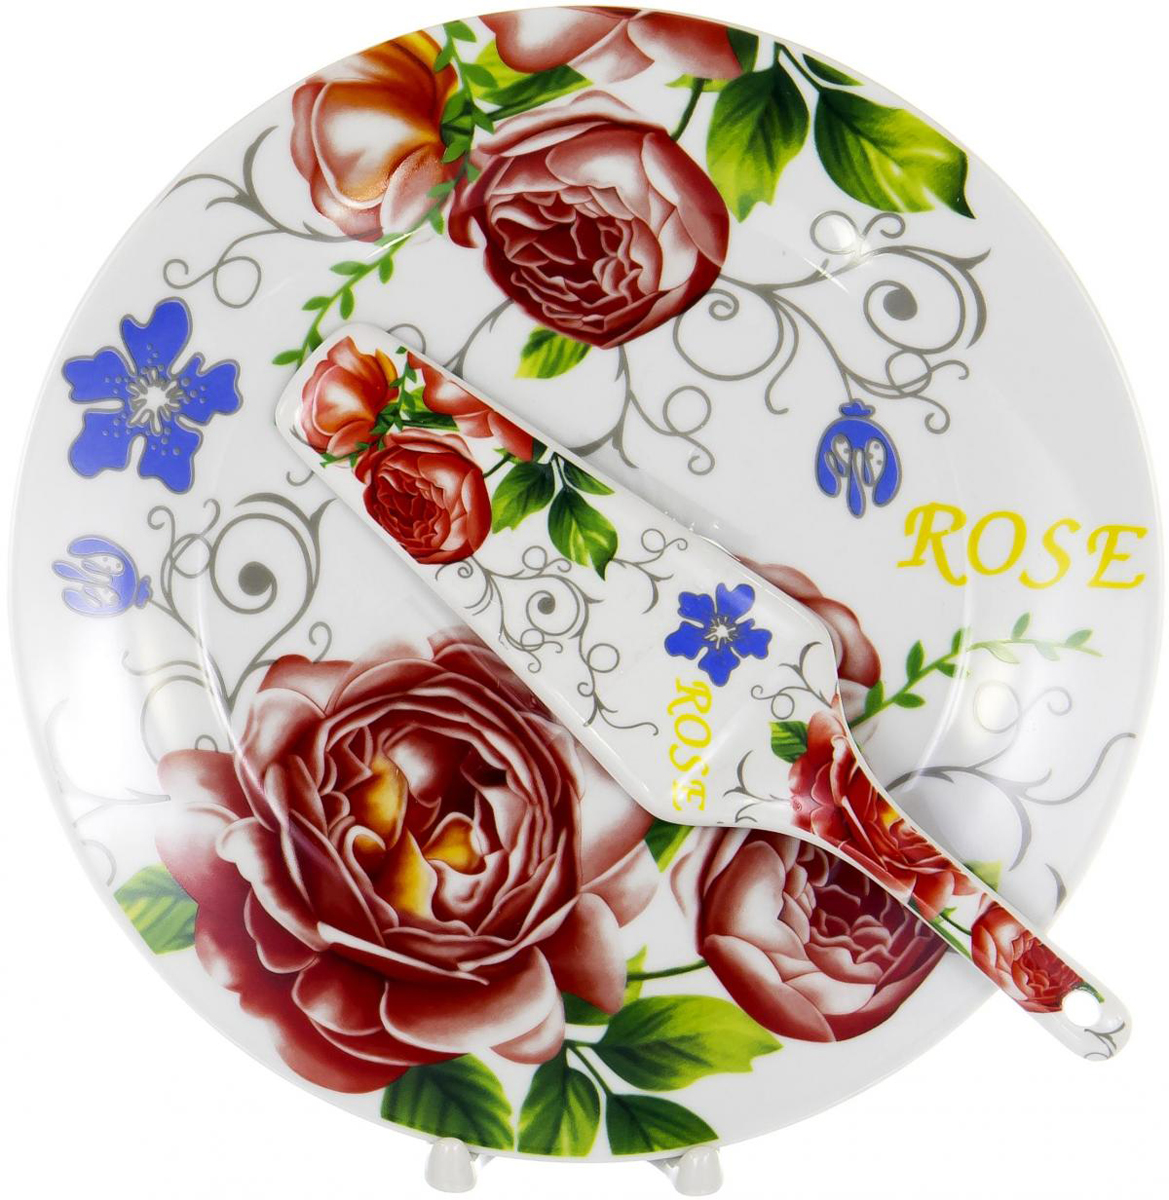 """Набор для торта """"Olaff"""" состоит из блюда и лопатки. Изделия выполнены из керамики и оформлены изящным рисунком. Набор идеален для подачи тортов, пирогов и другой выпечки. Яркий дизайн сделает набор изысканным украшением праздничного стола.  CAKE 2, набор д/торта (2) тарелка 270мм + лопатка, упаковка - цвет.короб"""